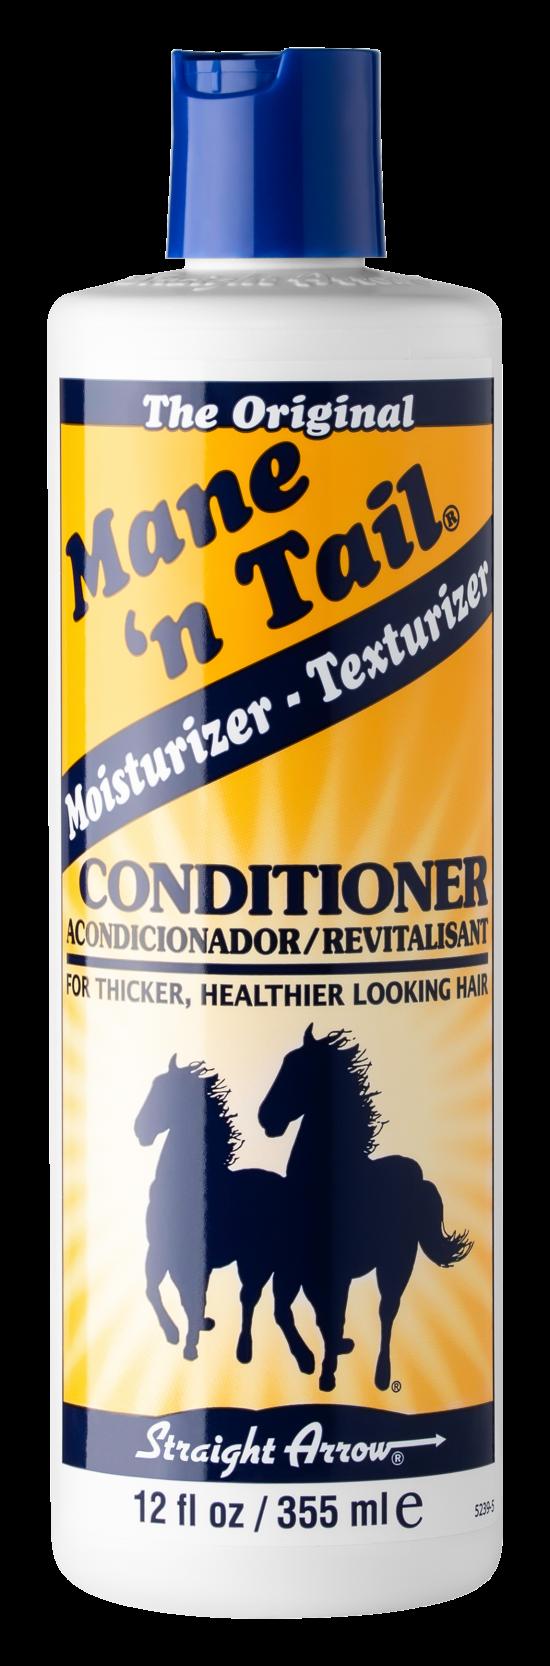 Moisturizer - Texturizer Conditioner 12 oz bottle